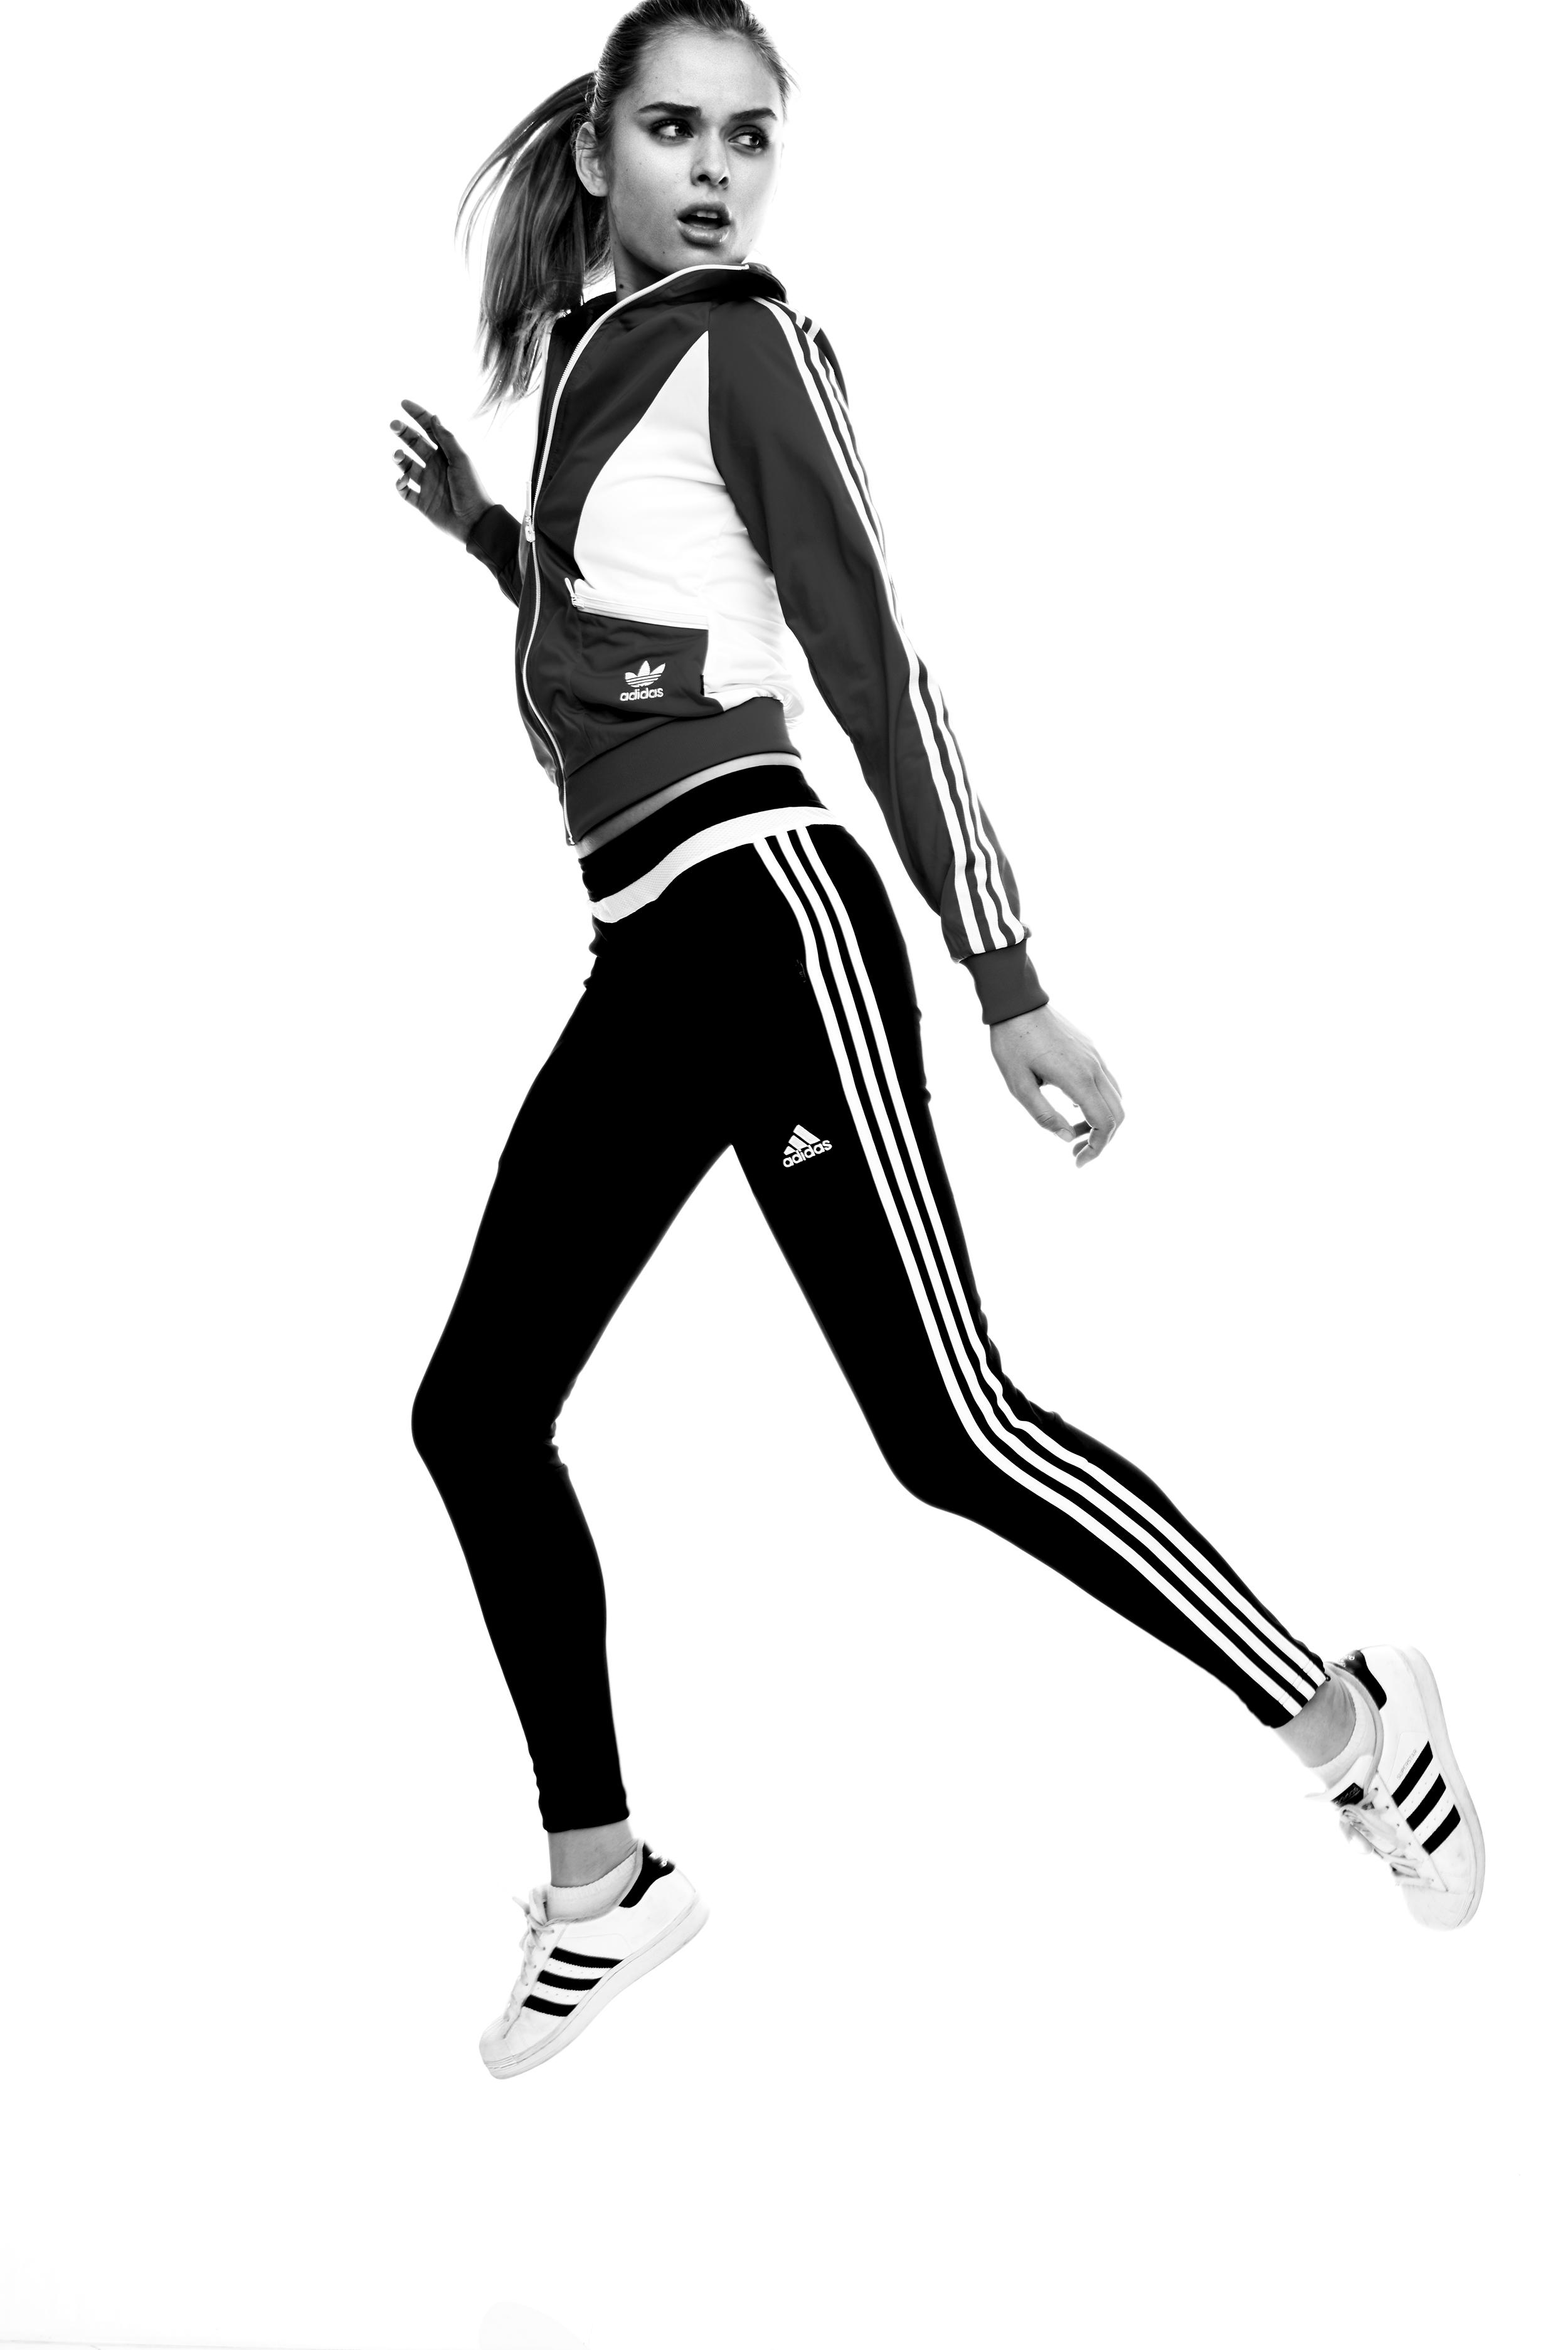 urban sports fashion 34904.jpg